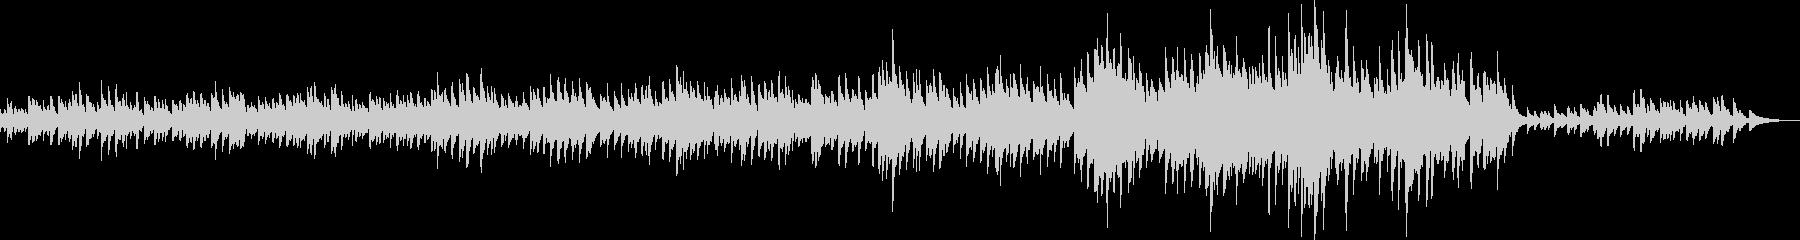 カノン風・優しいピアノバラード(優しい)の未再生の波形